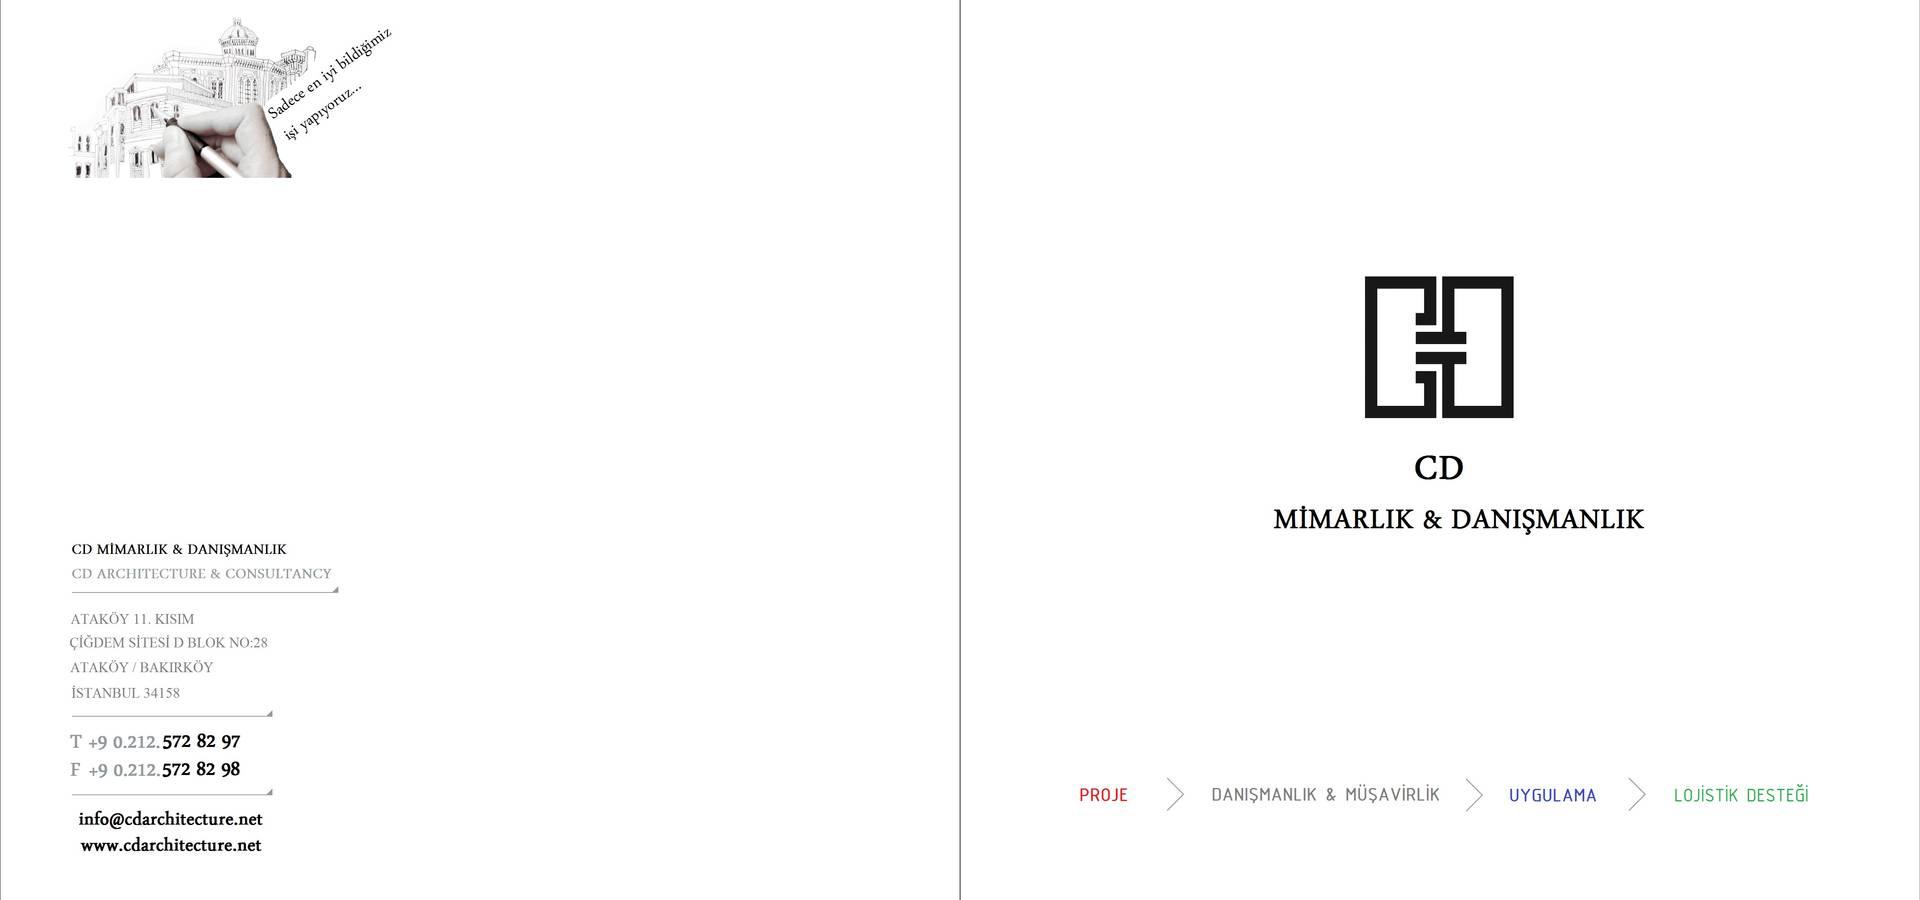 CD MİMARLIK&DANIŞMANLIK